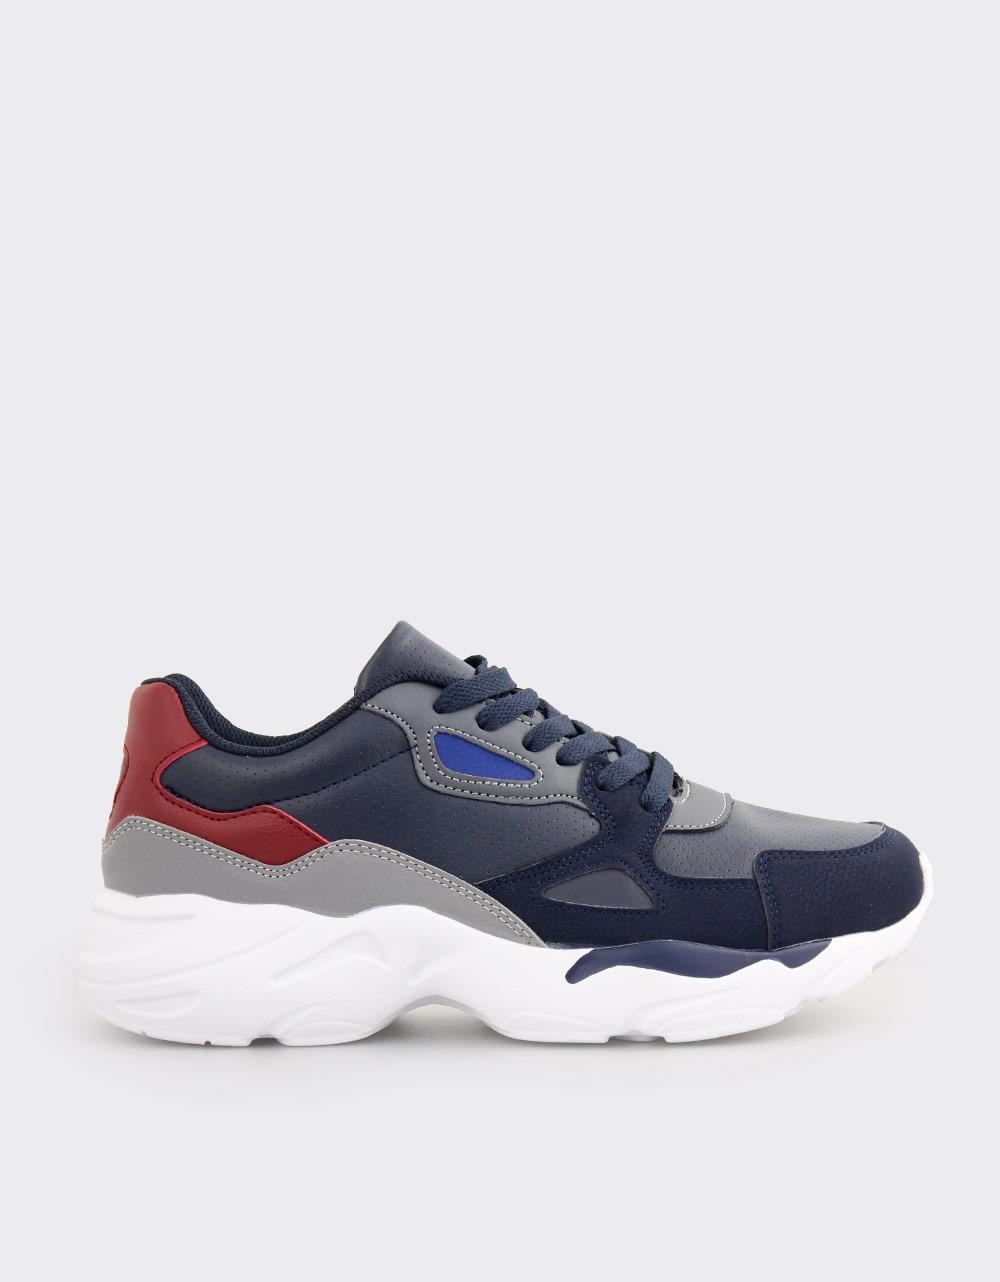 Εικόνα από Ανδρικά sneakers με ανάγλυφες λεπτομέρειες Μπλε